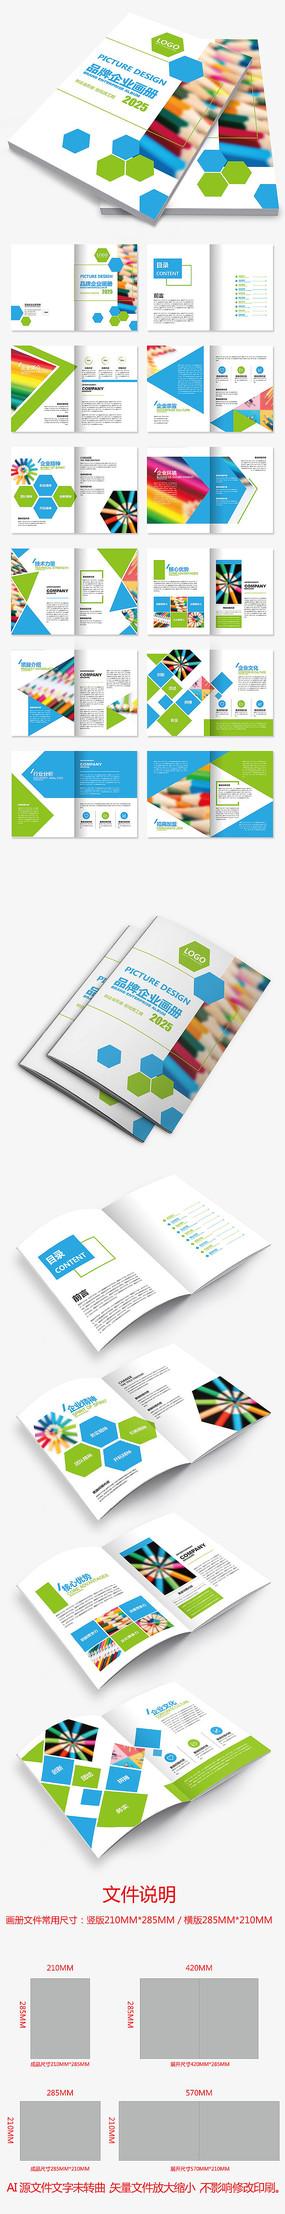 蓝绿色儿童教育培训早教机构宣传册模板